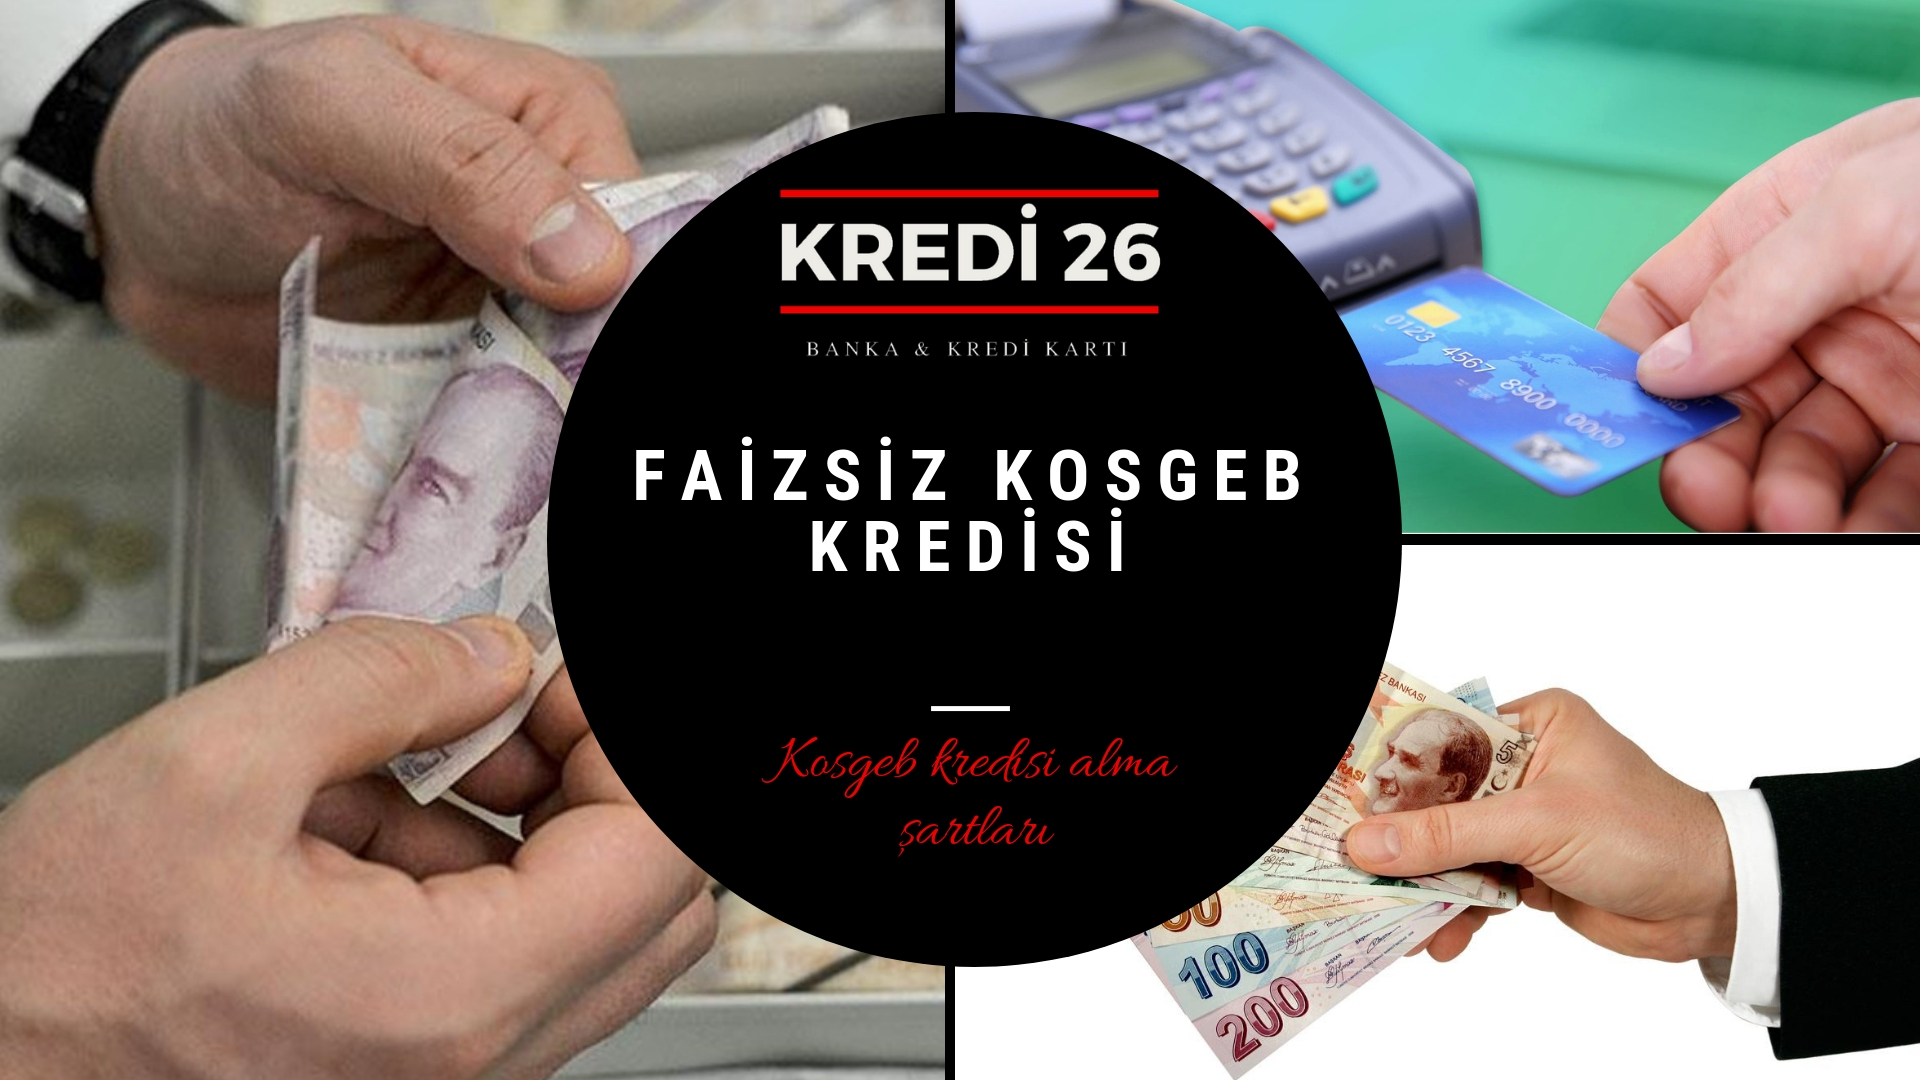 KOSGEB 50 bin TL faizsiz kredi başvuru ekranı